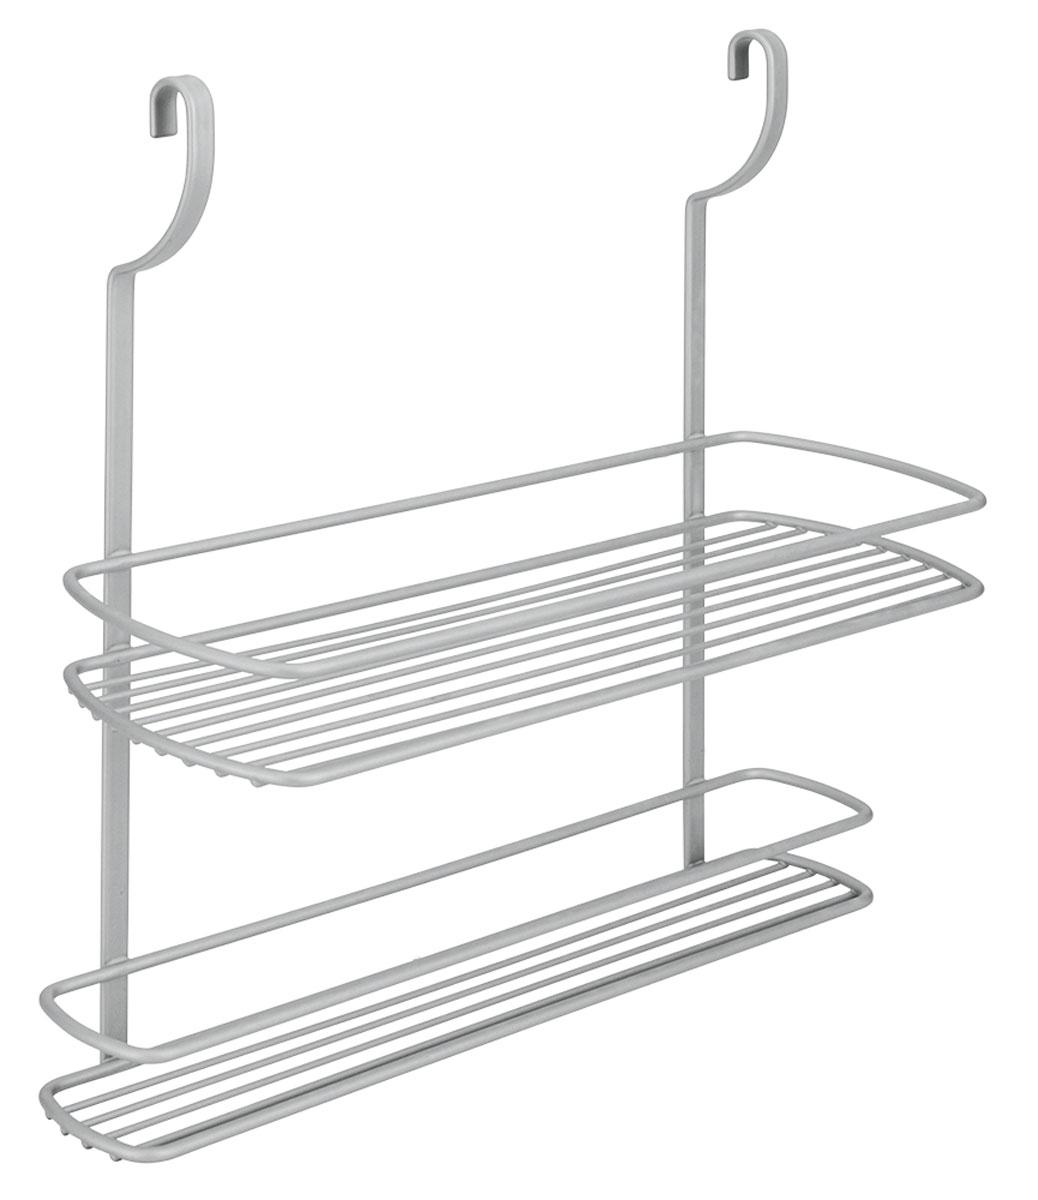 Полка навесная Metaltex City, двухъярусная, 35 х 13 х 38 см35.07.12Навесная двухэтажная полка Metaltex City изготовлена из стали и покрыта новым полимерным покрытием Frost Polytherm. Такая полка не только экономит место на вашей кухне, но и обеспечивает наглядность, порядок и удобный доступ к кухонным принадлежностям. Современный дизайн делает ее практичным и стильным домашним аксессуаром. Она пригодится для хранения различных кухонных или других принадлежностей, которые всегда будут под рукой. Полка устанавливается на рейлинг с помощь двух крючков.Гарантия производителя на покрытие составляе 3 года.